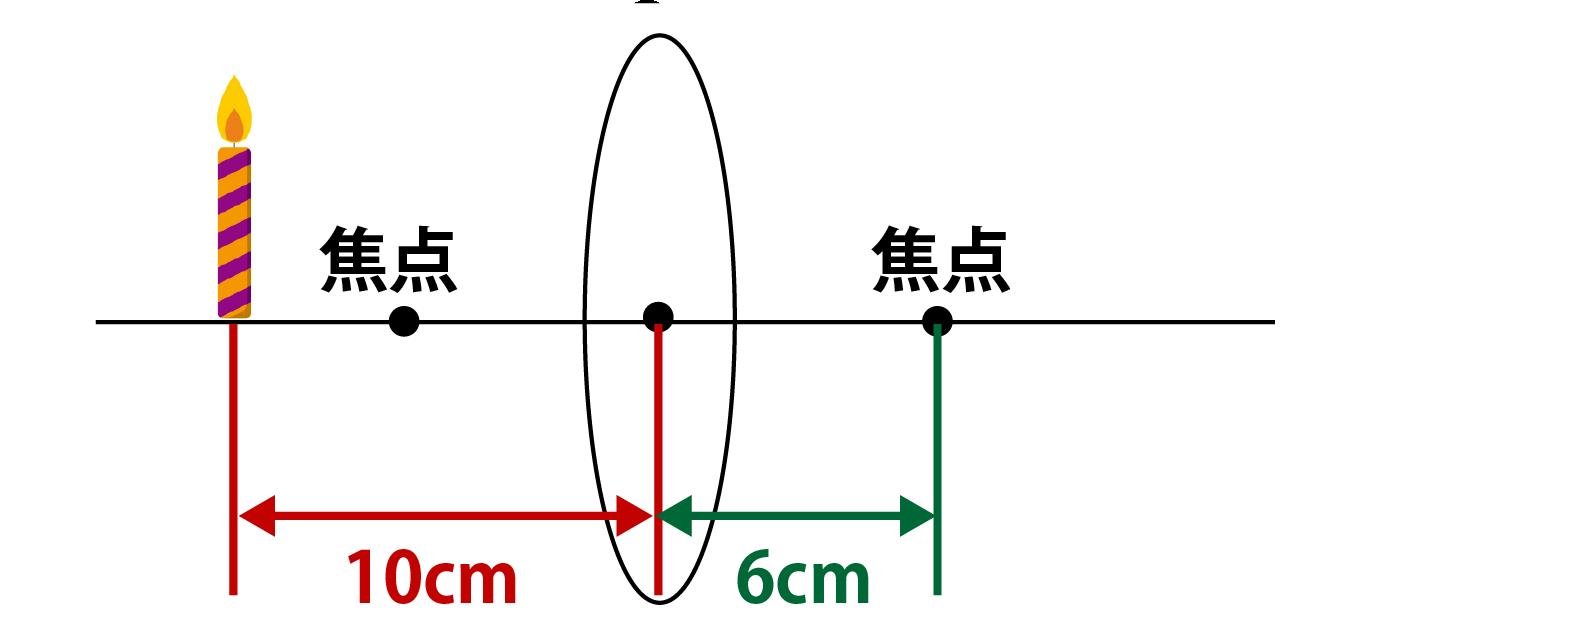 凸レンズに関する問題